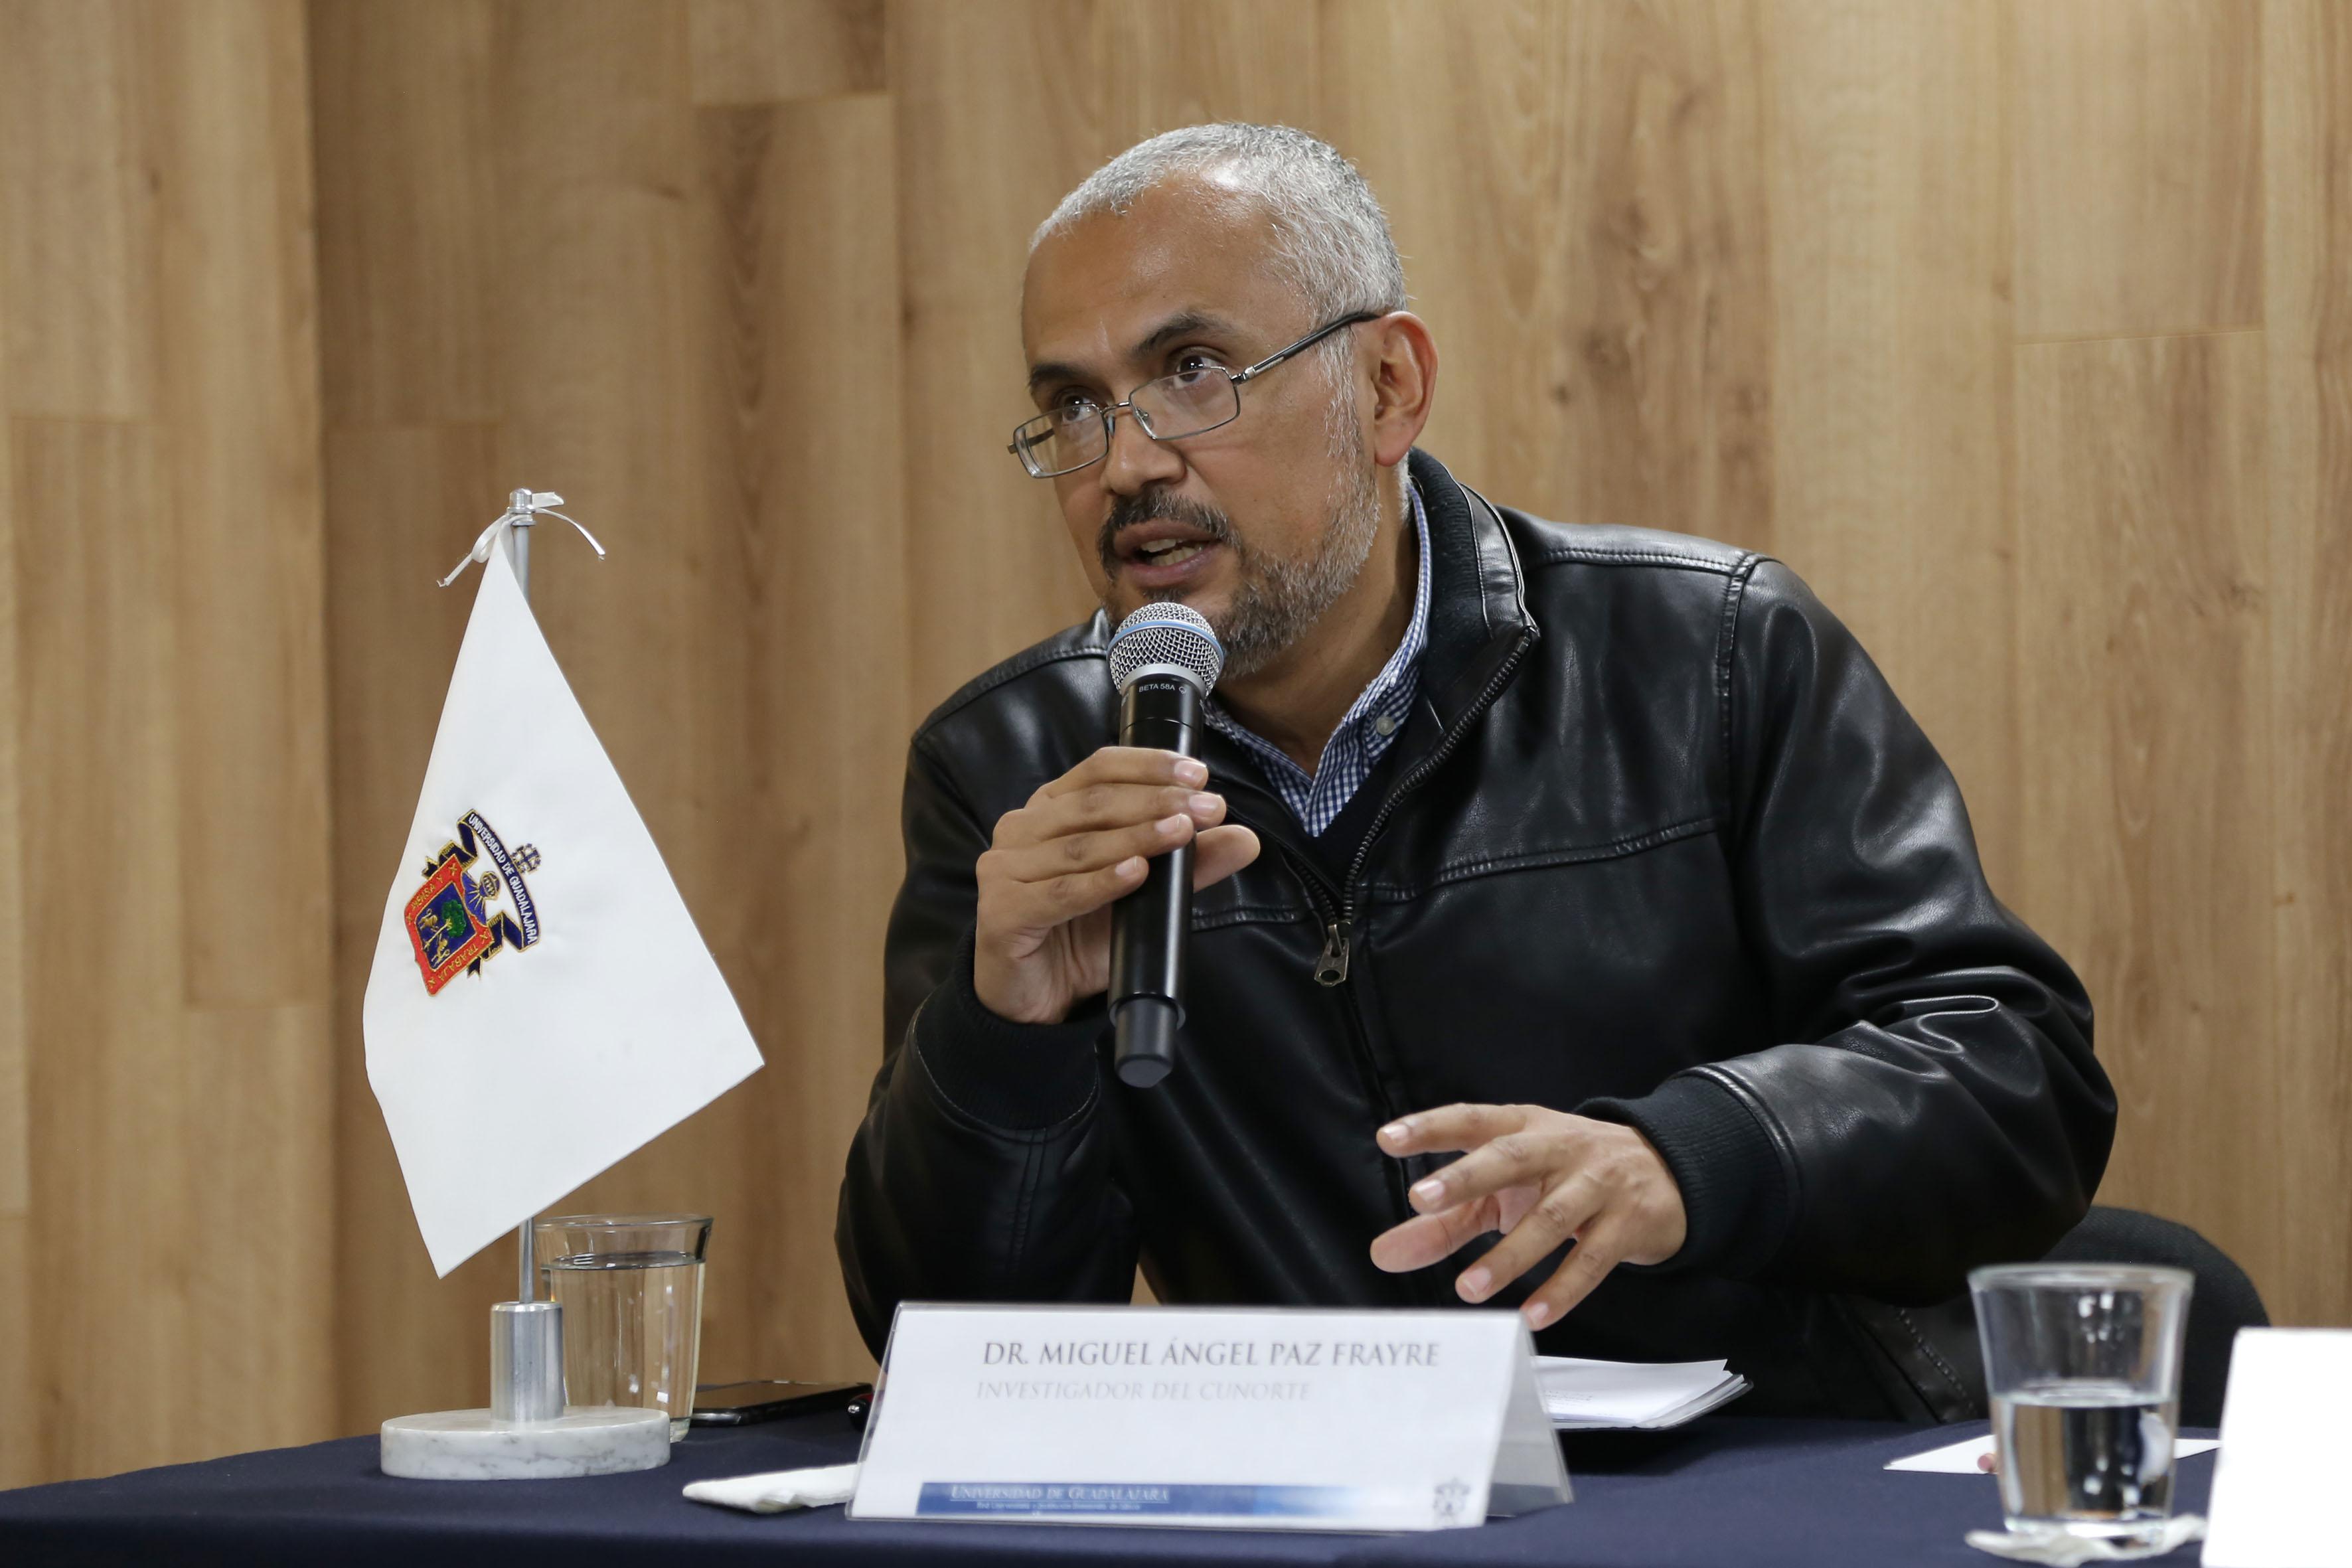 Investigador Miguel Ángel Paz Frayre participando en rueda de prensa